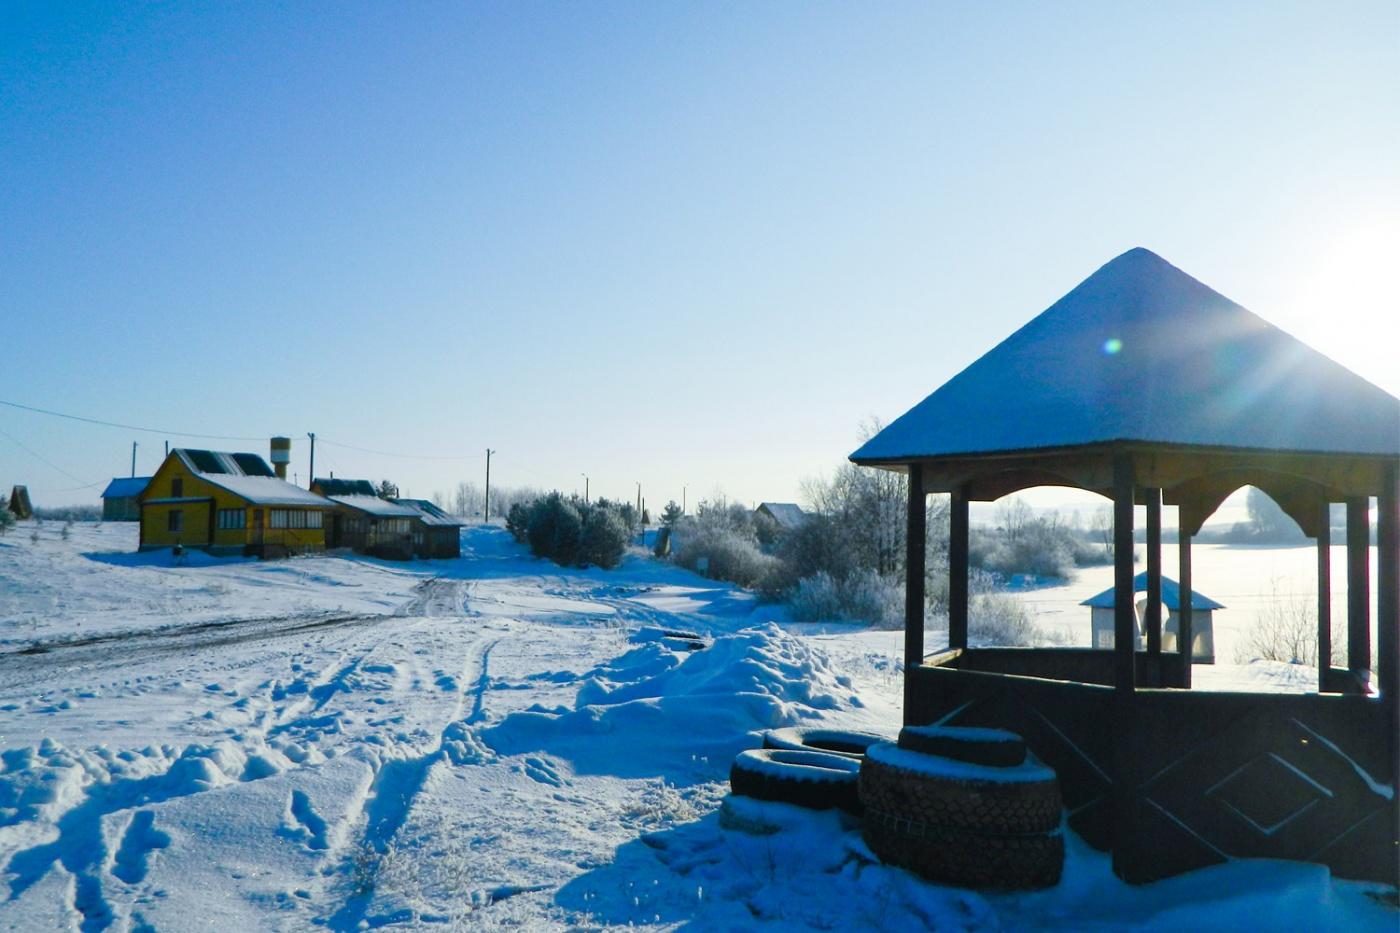 База отдыха «Белая гора» Пензенская область, фото 30